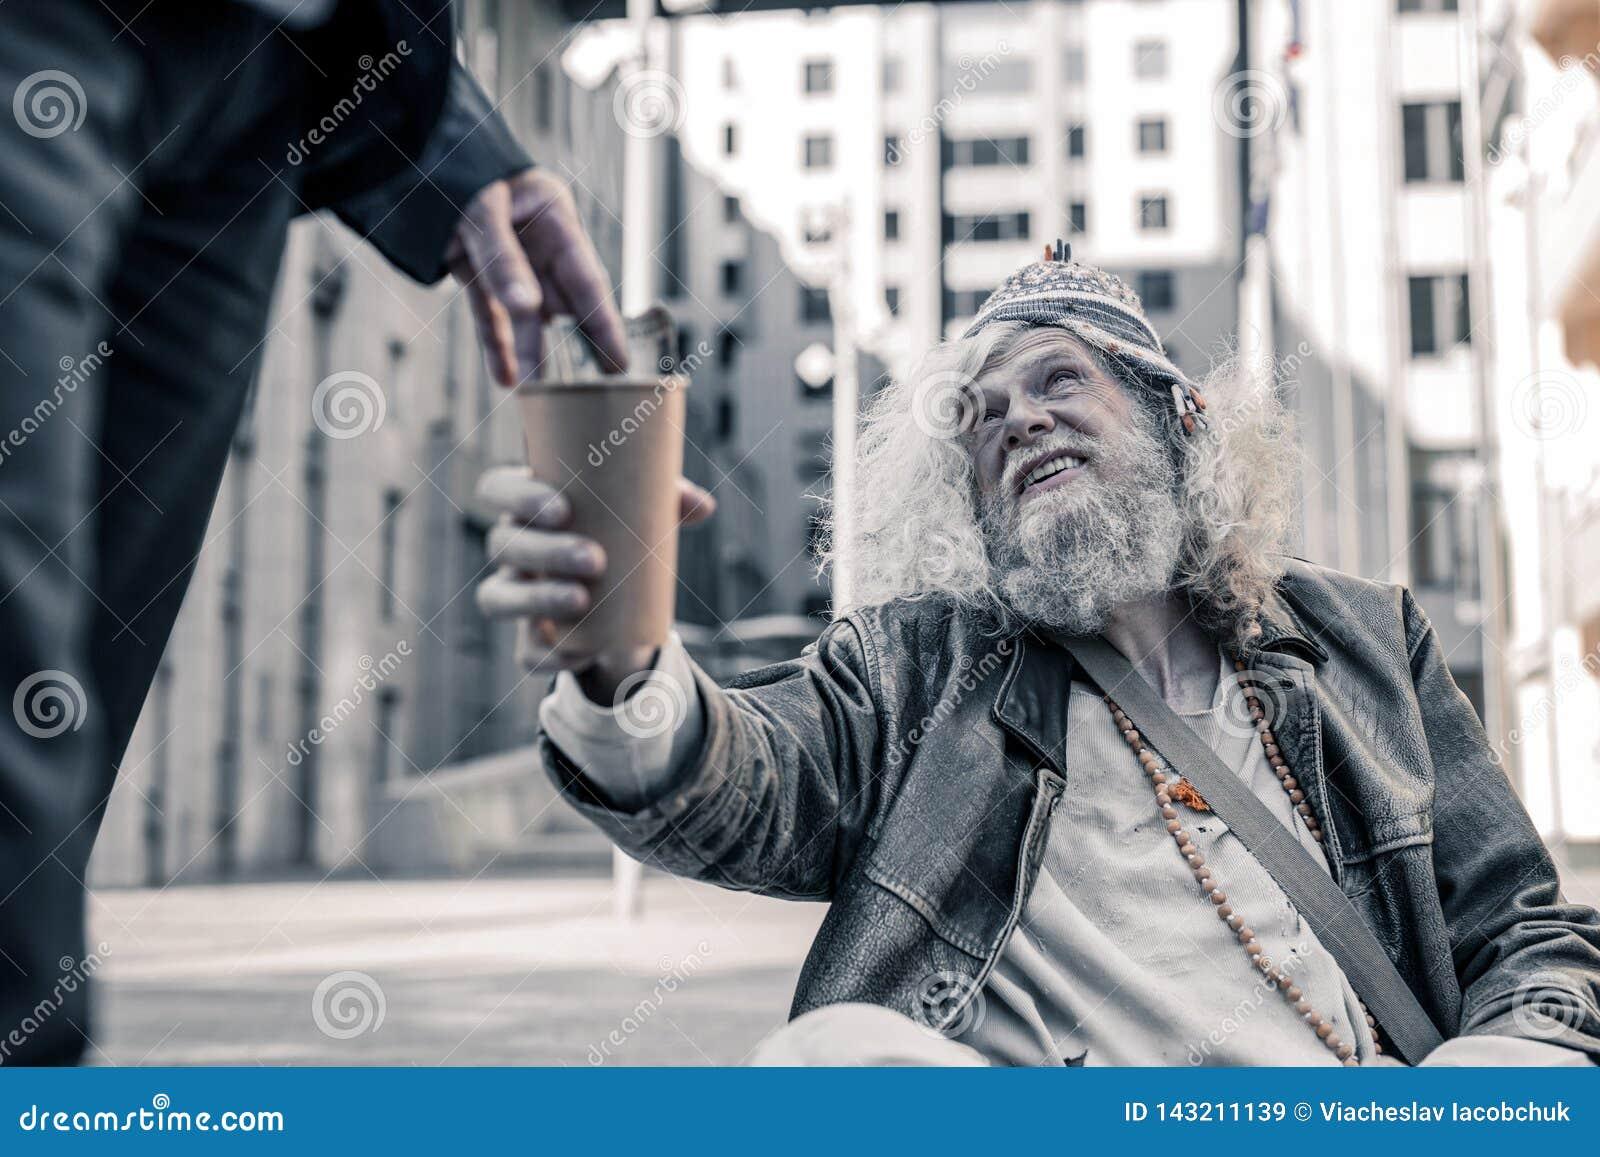 Homme aux cheveux longs affligé étant sur le pavé pauvre et rassemblant l argent